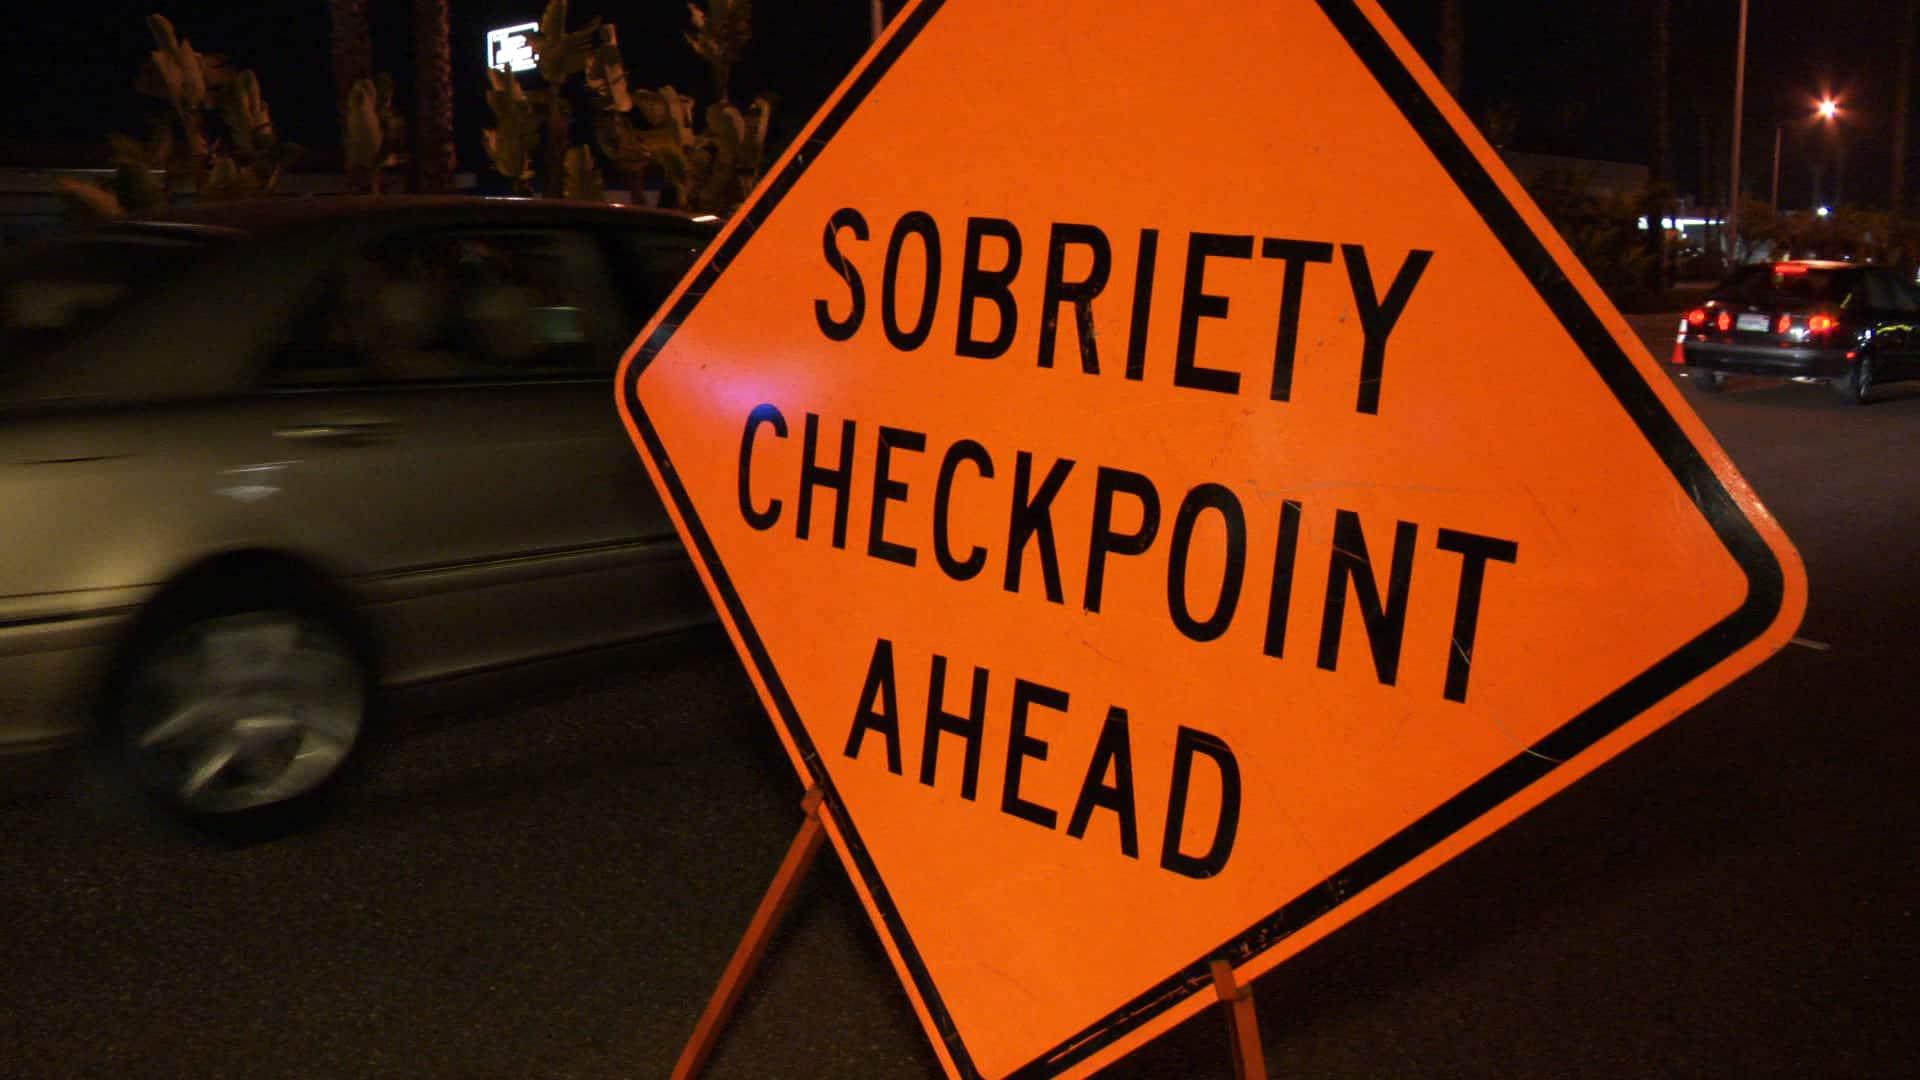 Illinois, DUI, Sobriety, attorney, SR22, Non-owner, non driver